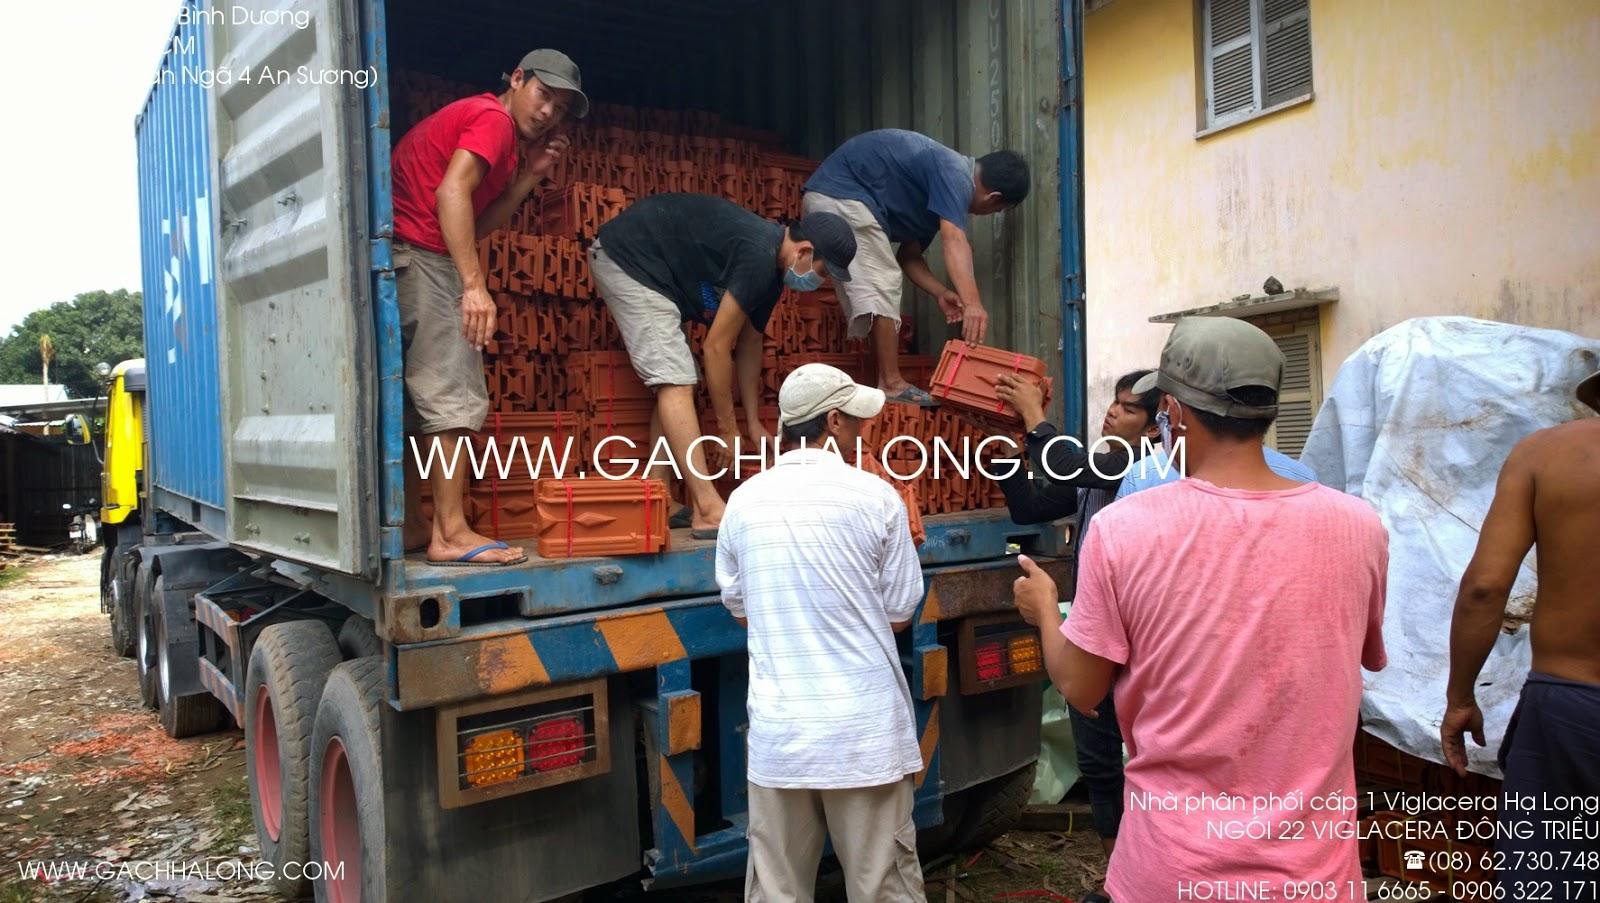 Xuống hàng ngói 22 Đông Triều tại kho Tăng Bình Dương